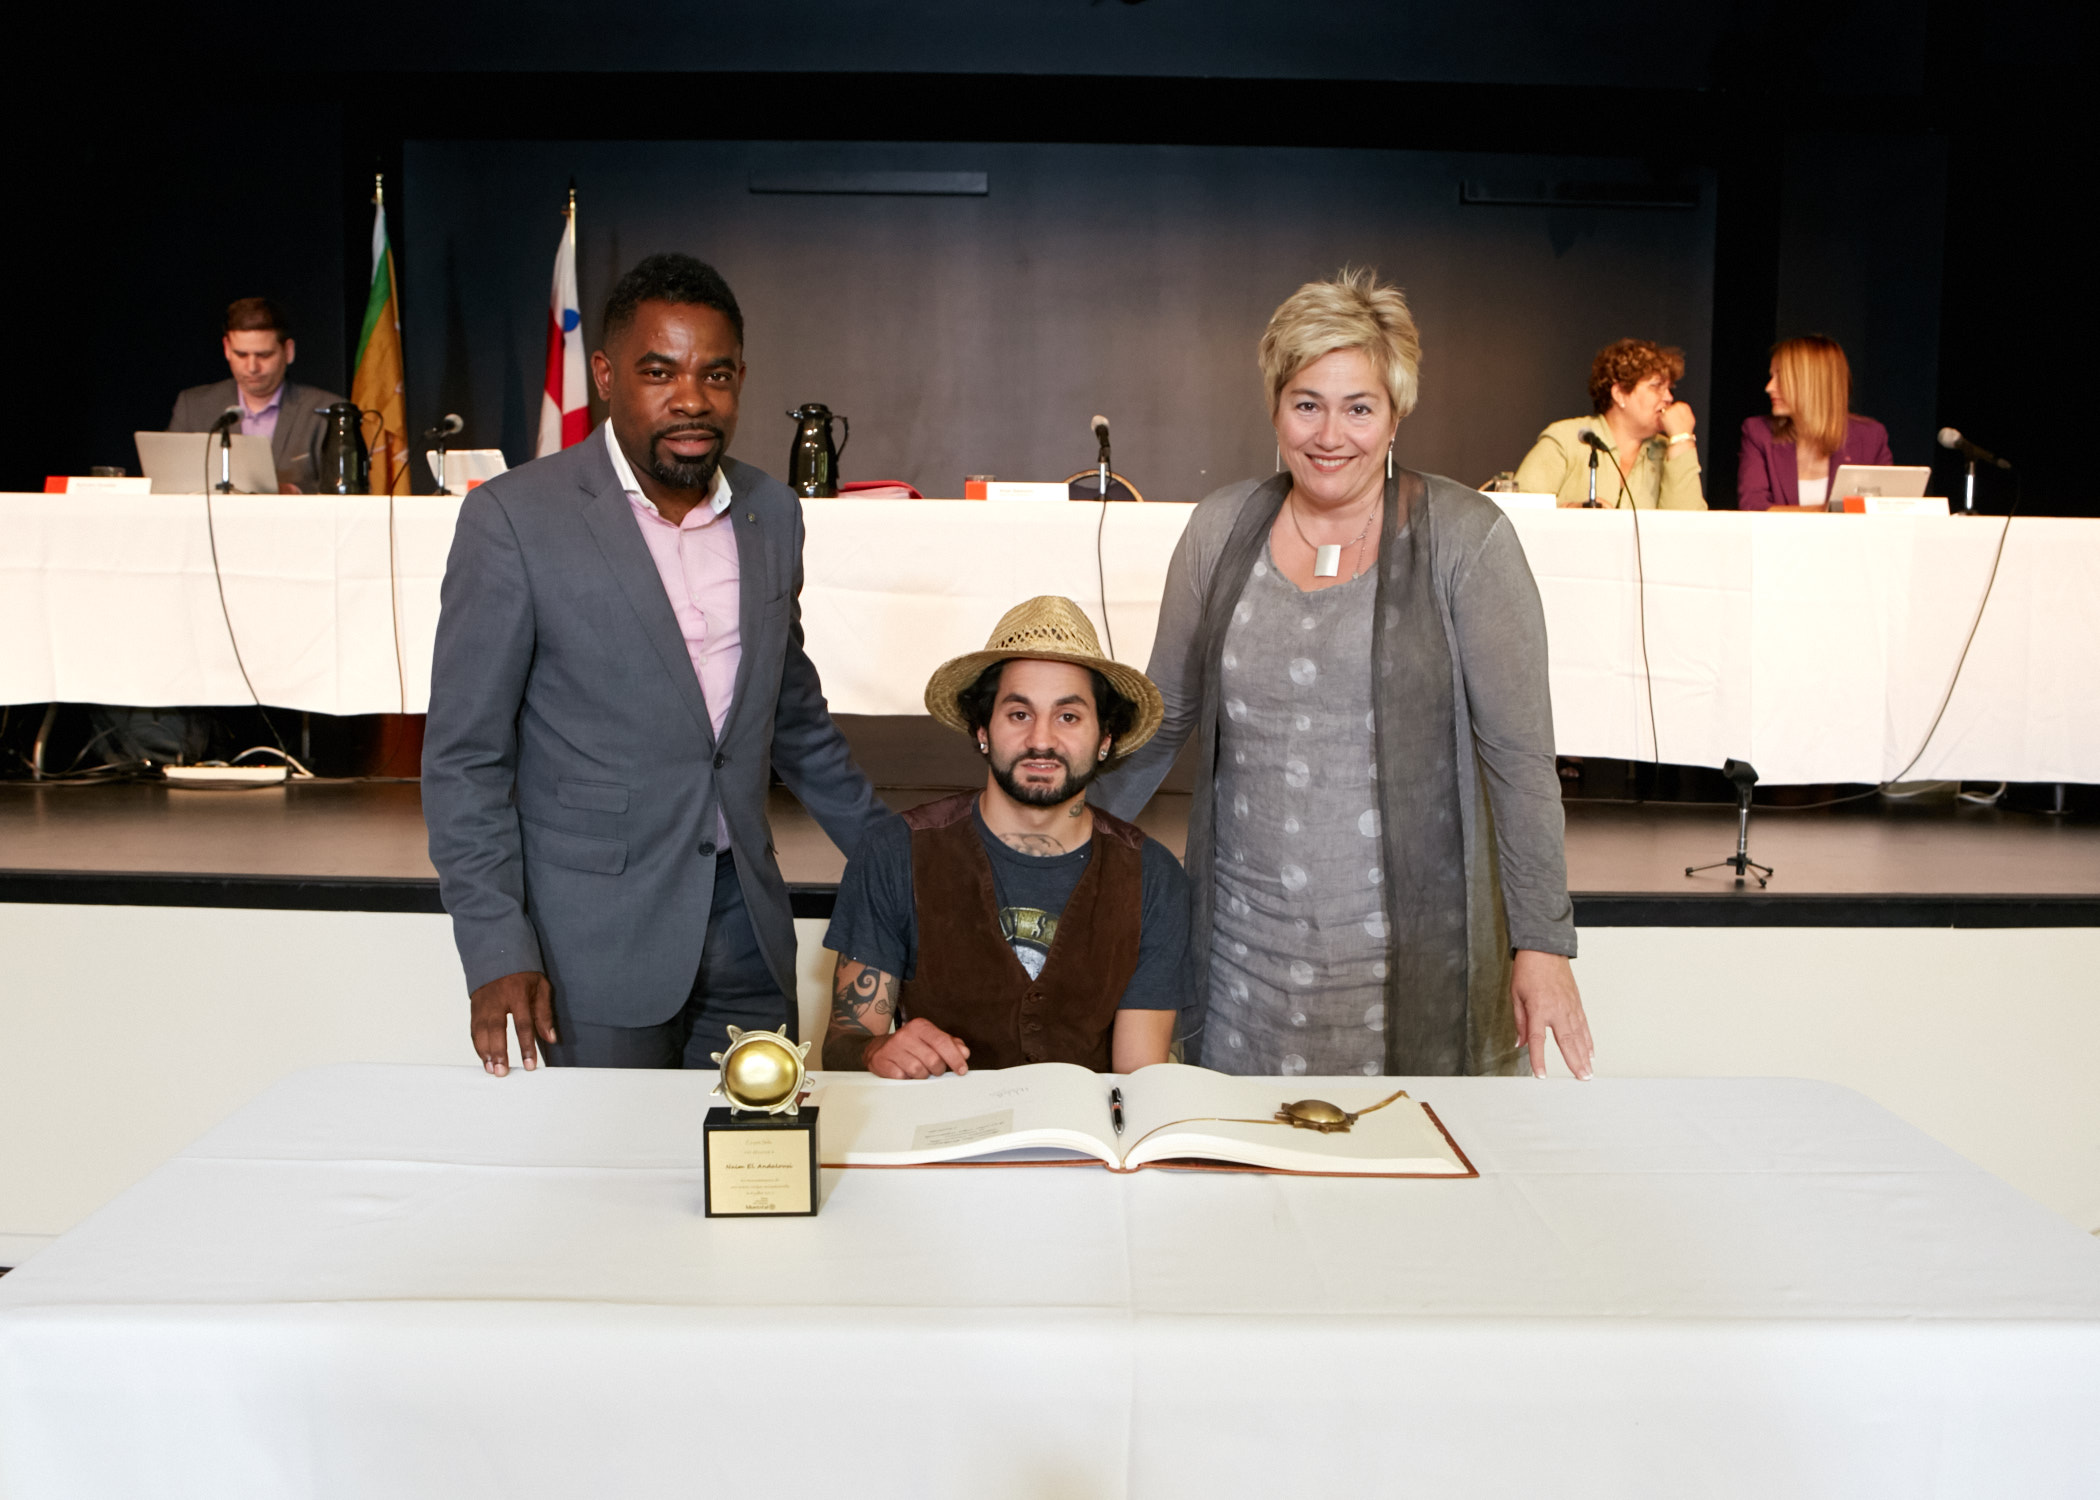 Remise d'un prix Solis : Un Michelois de 28 ans honoré pour sa bravoure